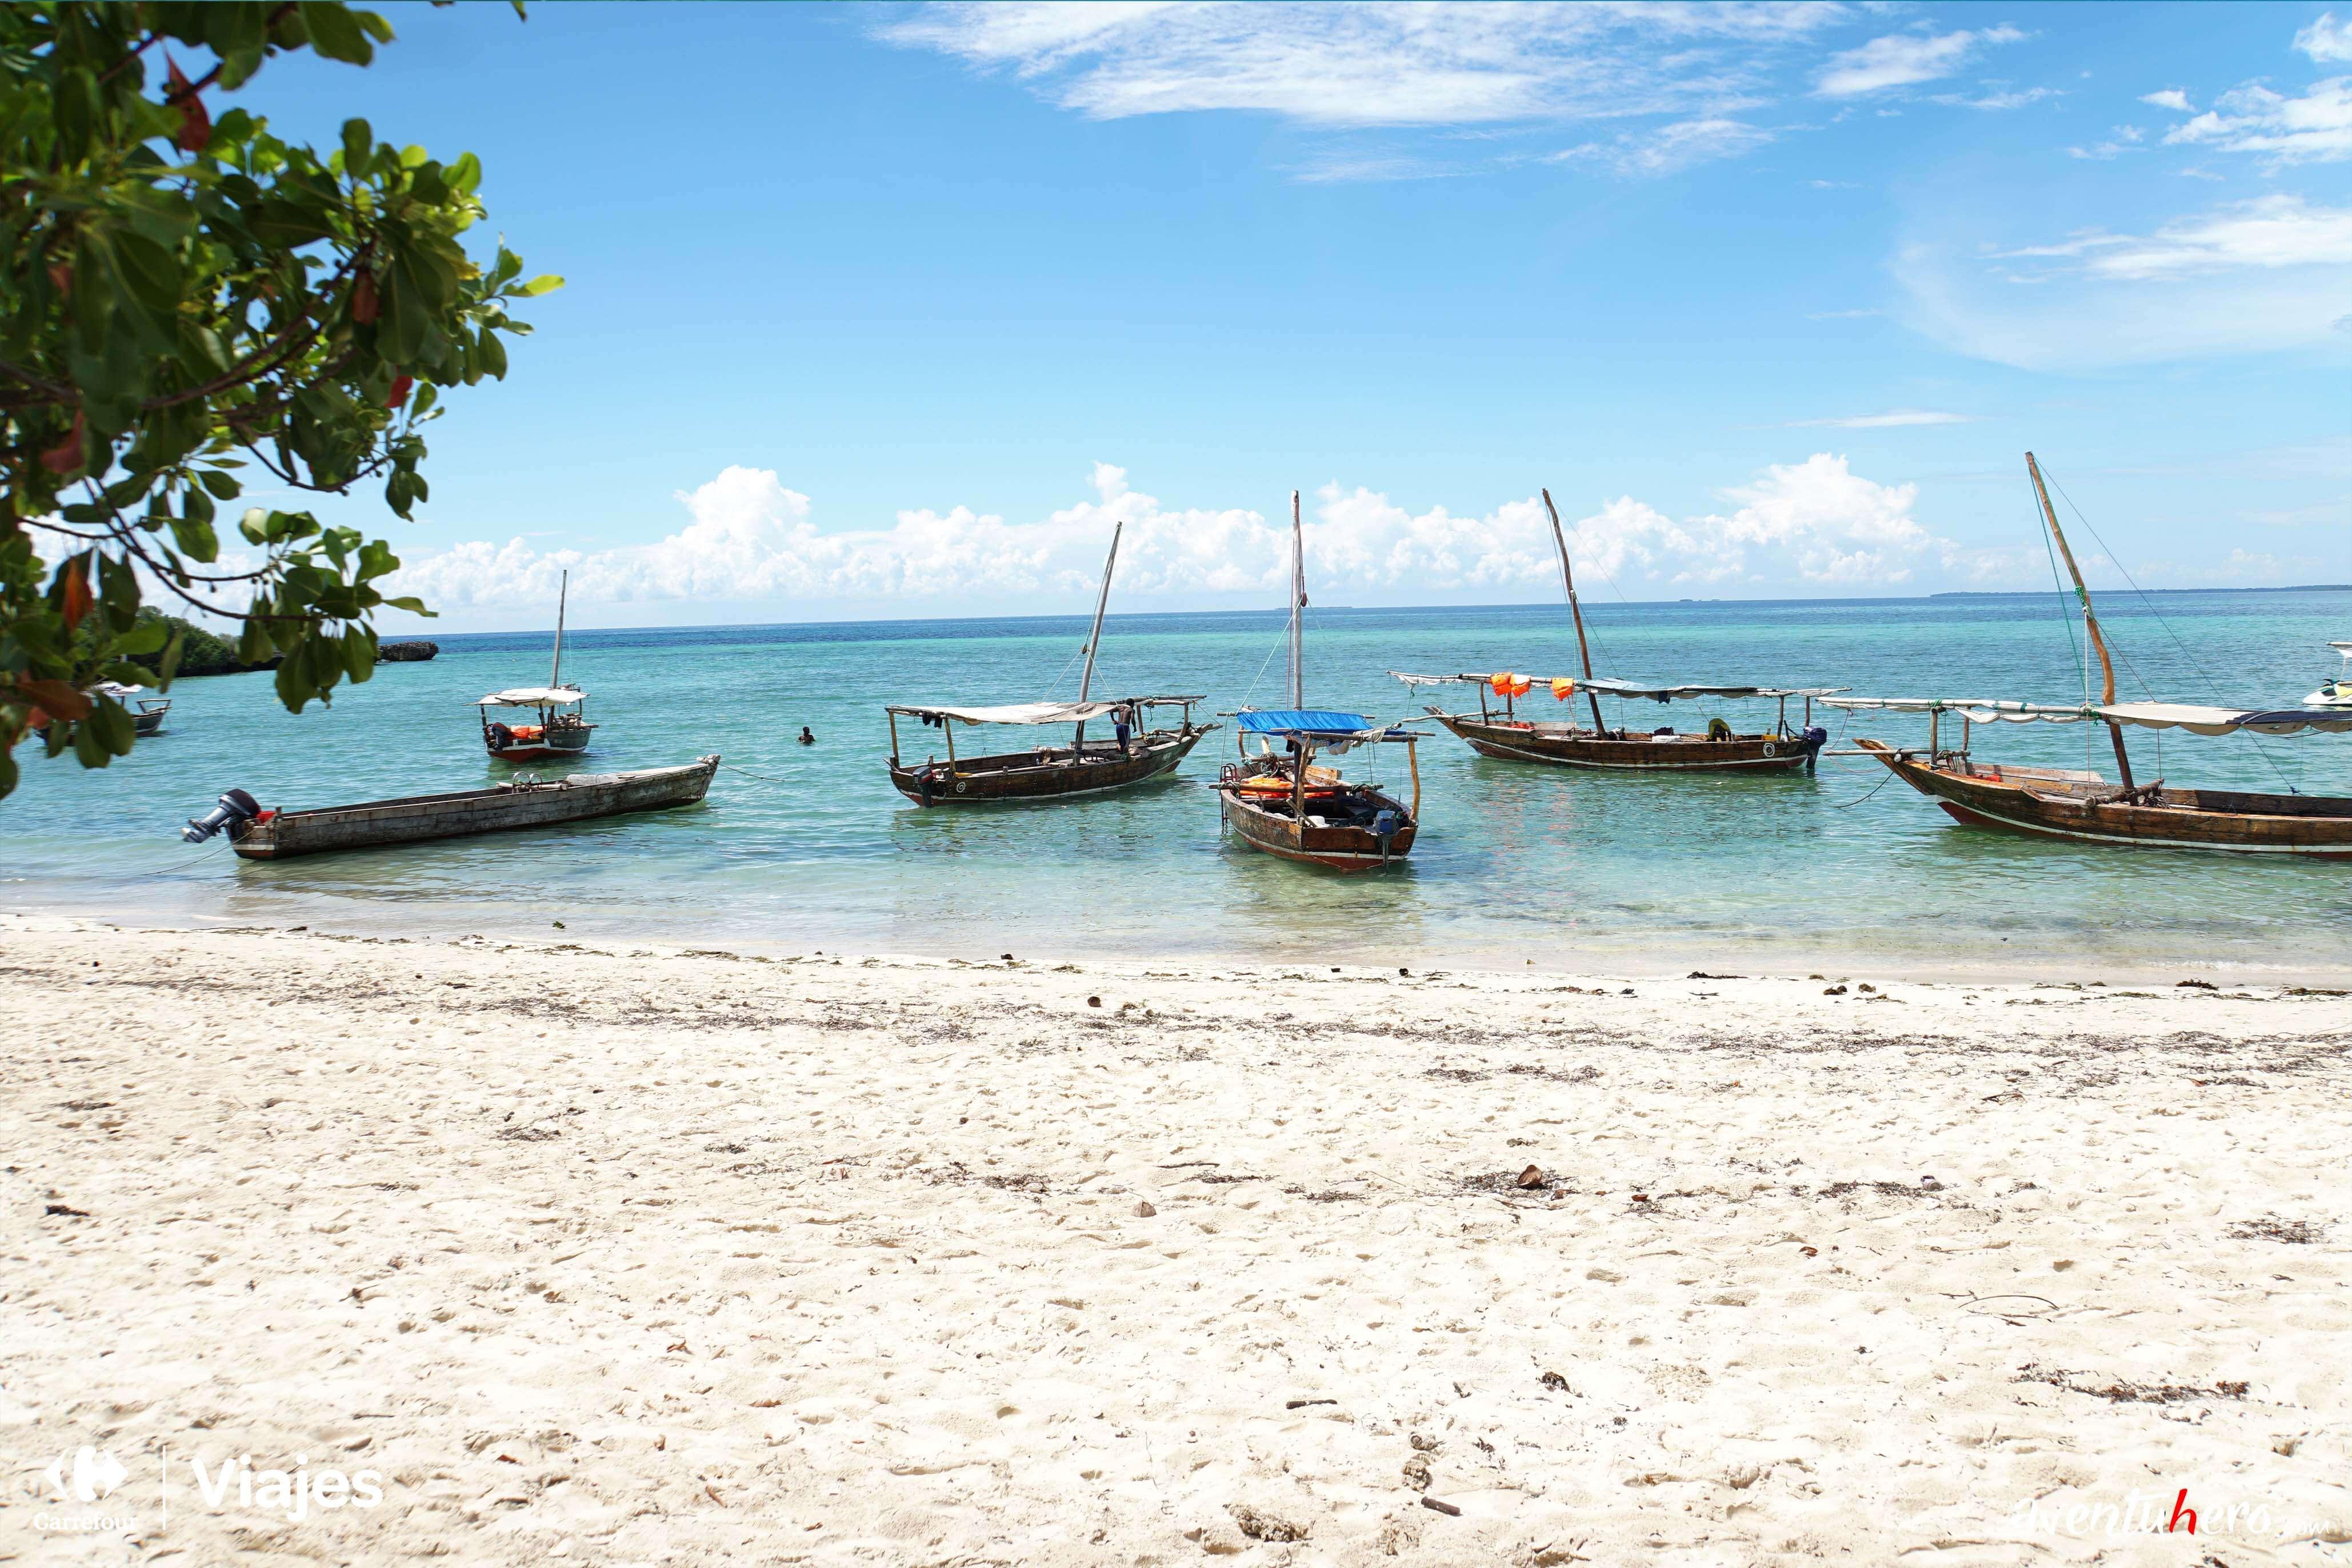 Playa Kwale